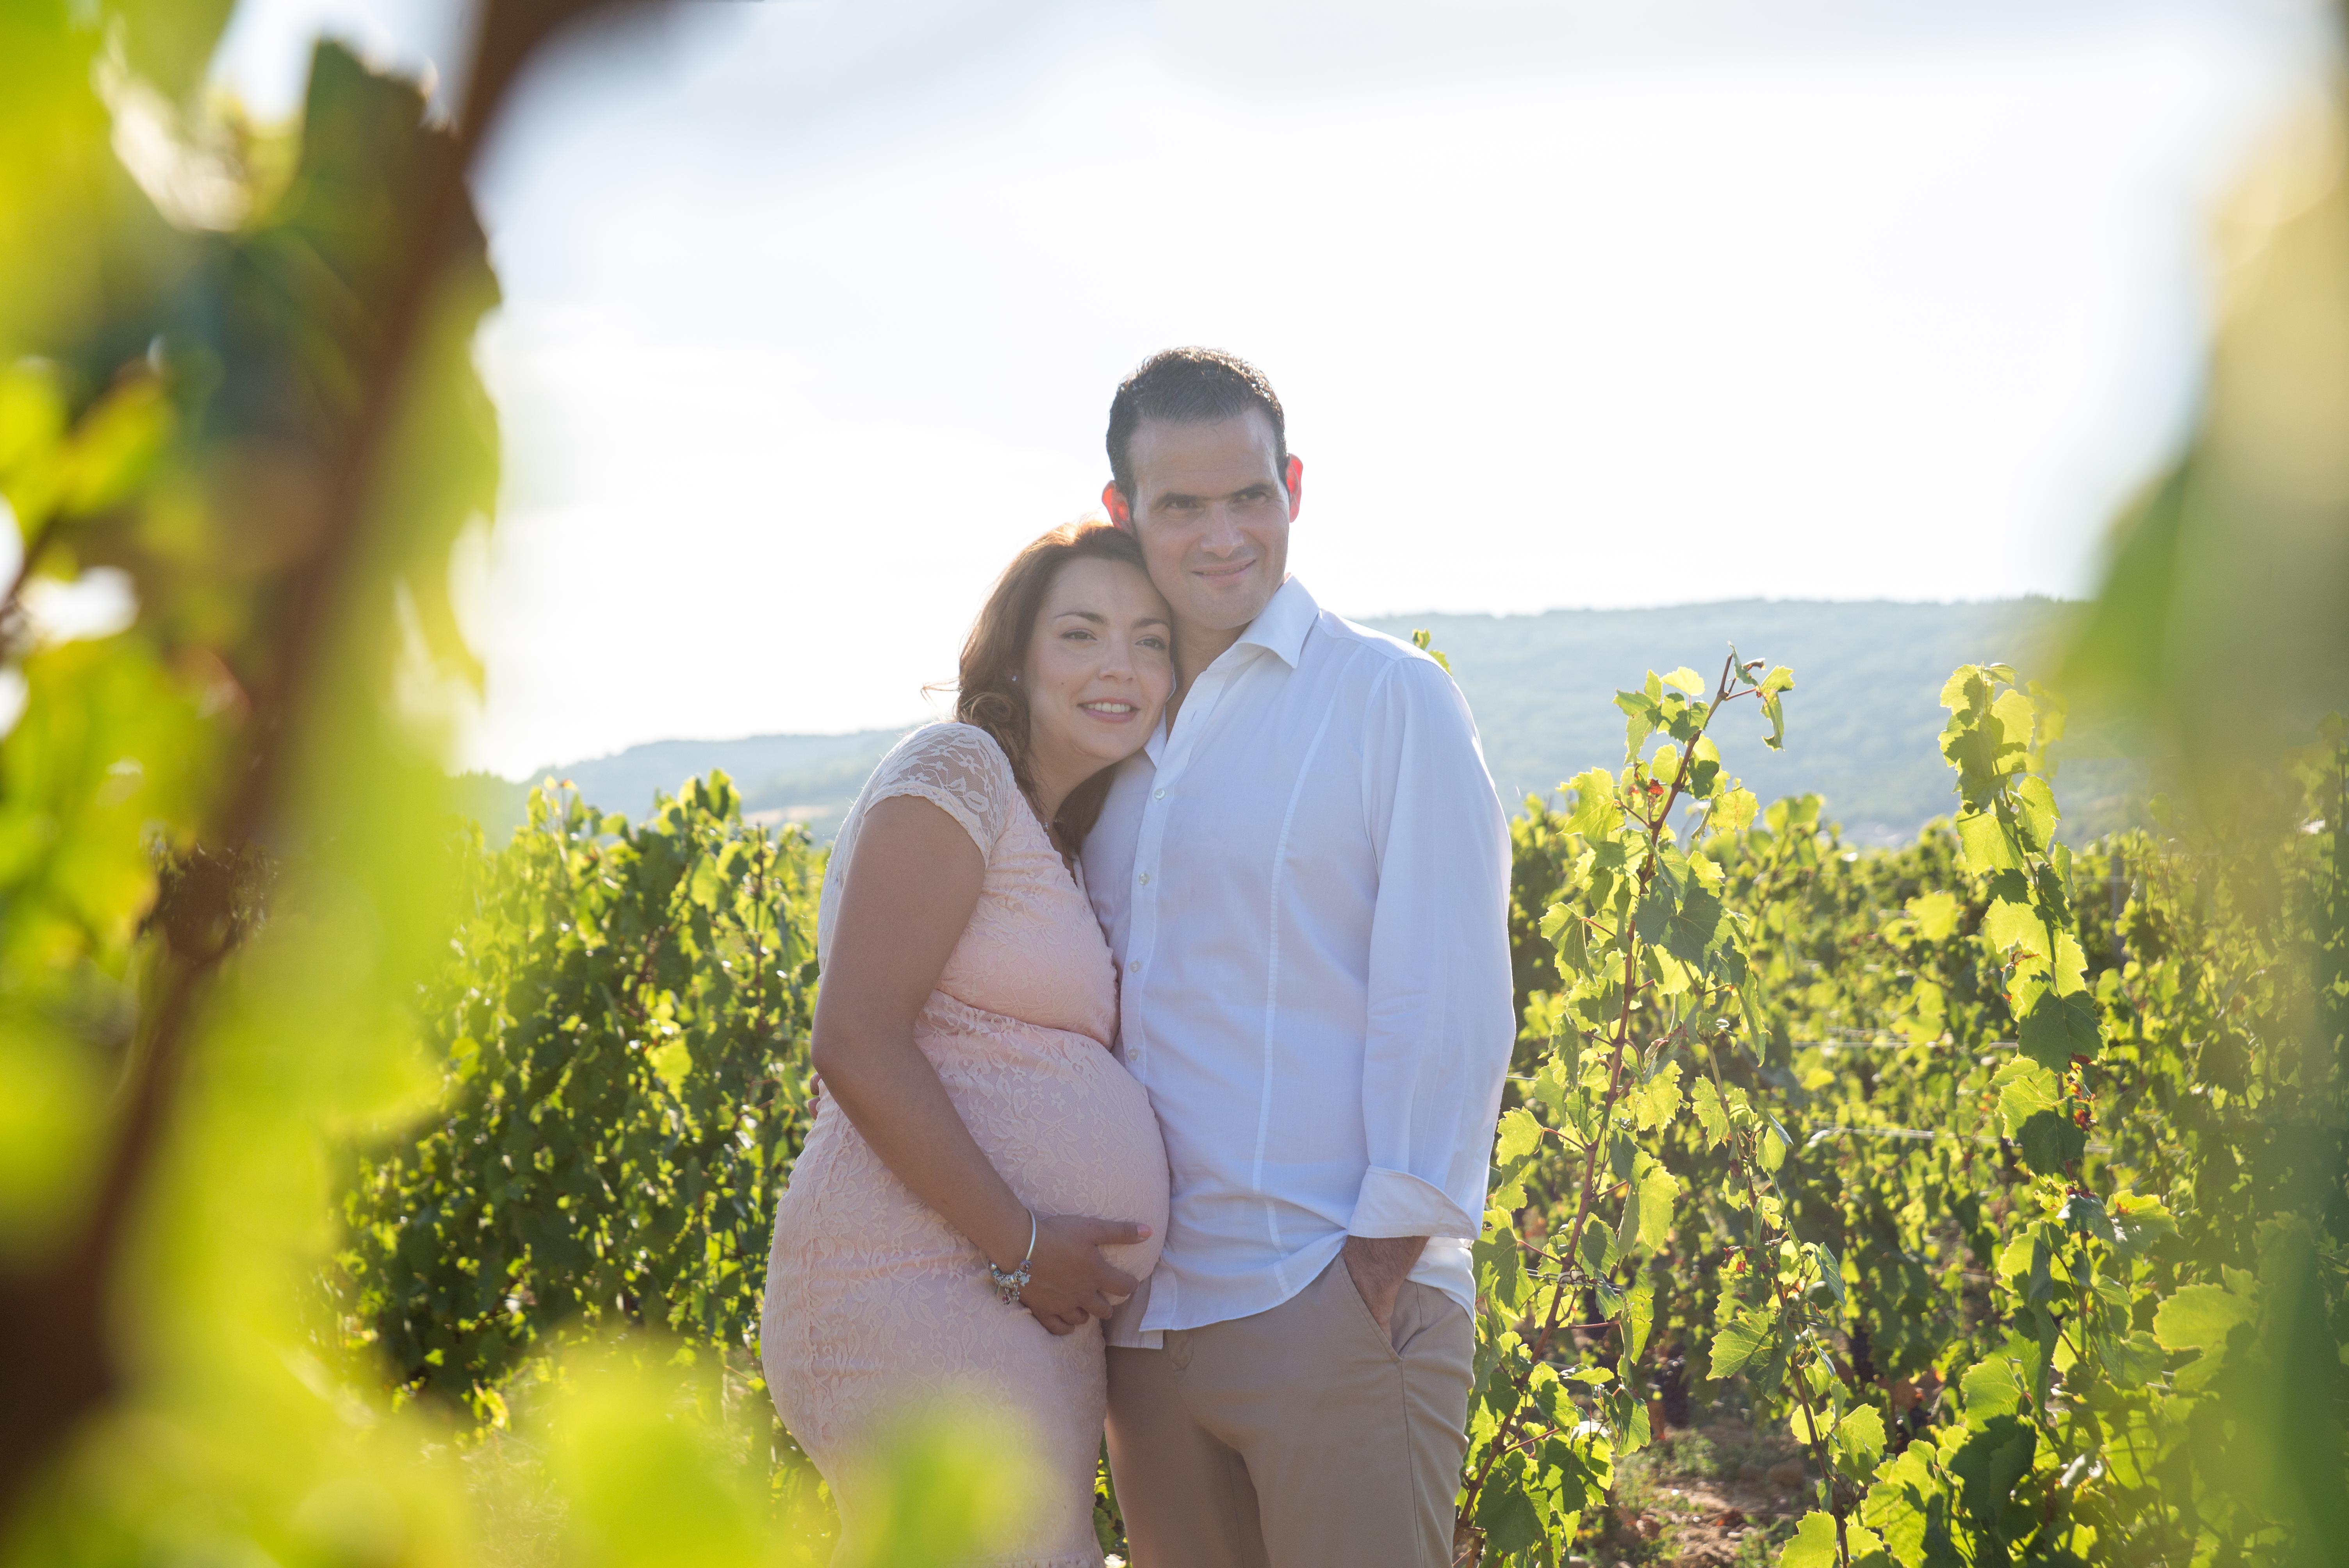 séance photo dans les vignes